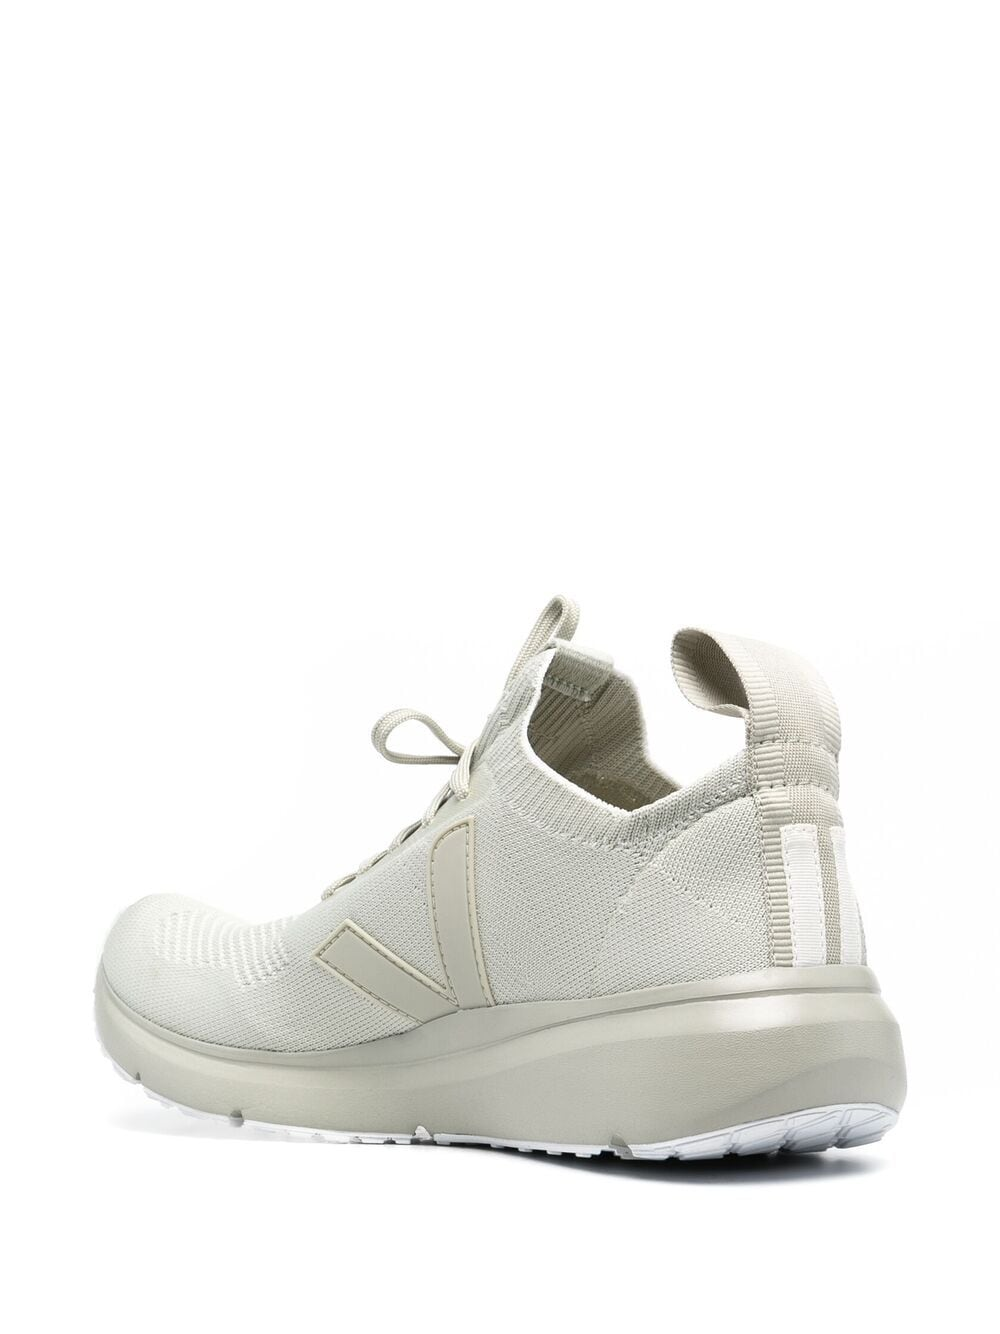 Rick owens x veja sneakers sock runner uomo oyster RICK OWENS X VEJA | Sneakers | VM21S6800KVE61